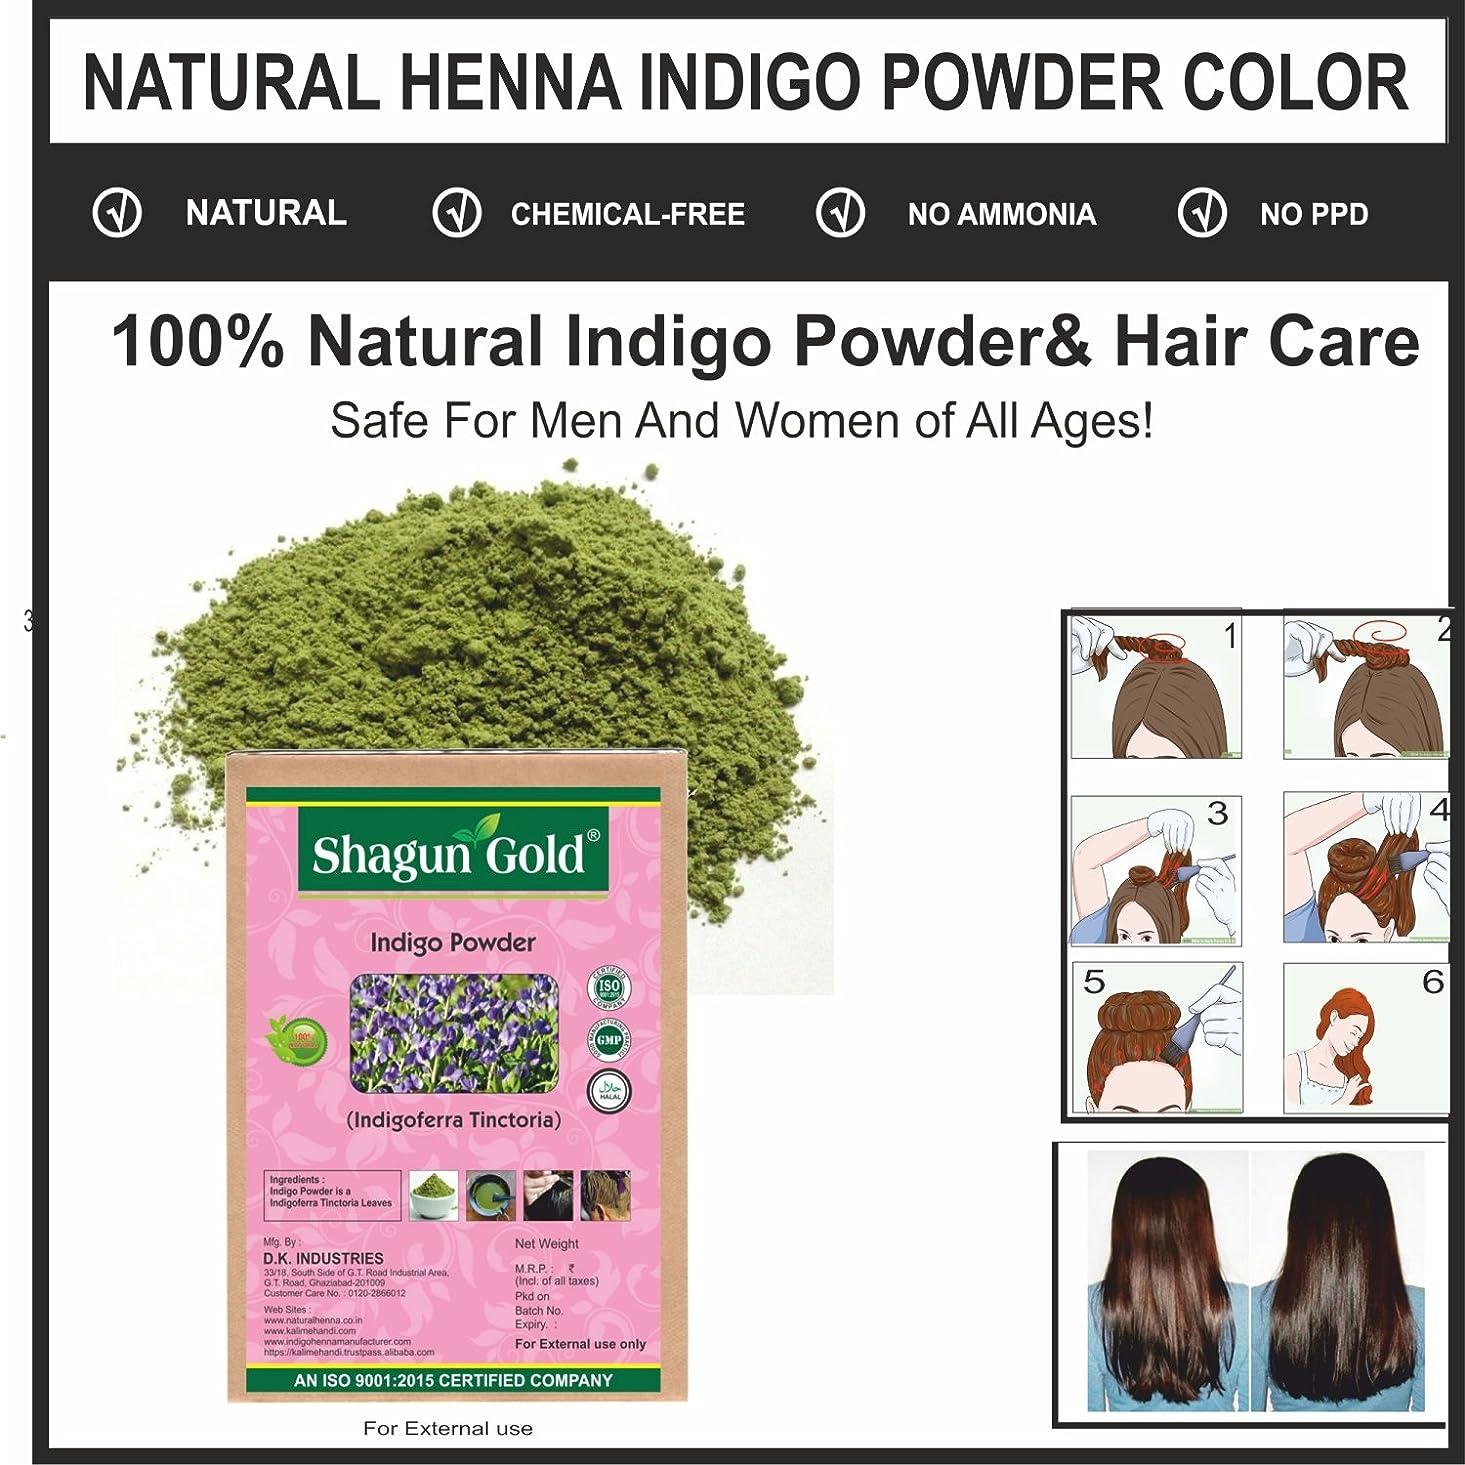 新鮮なスカートパイルShagun Gold A 100% Natural ( Indigofera Tinctoria ) Natural Indigo Powder For Hair Certified By Gmp / Halal / ISO-9001-2015 No Ammonia, No PPD, Chemical Free 28 Oz / ( 1 / 2 lb ) / 800g